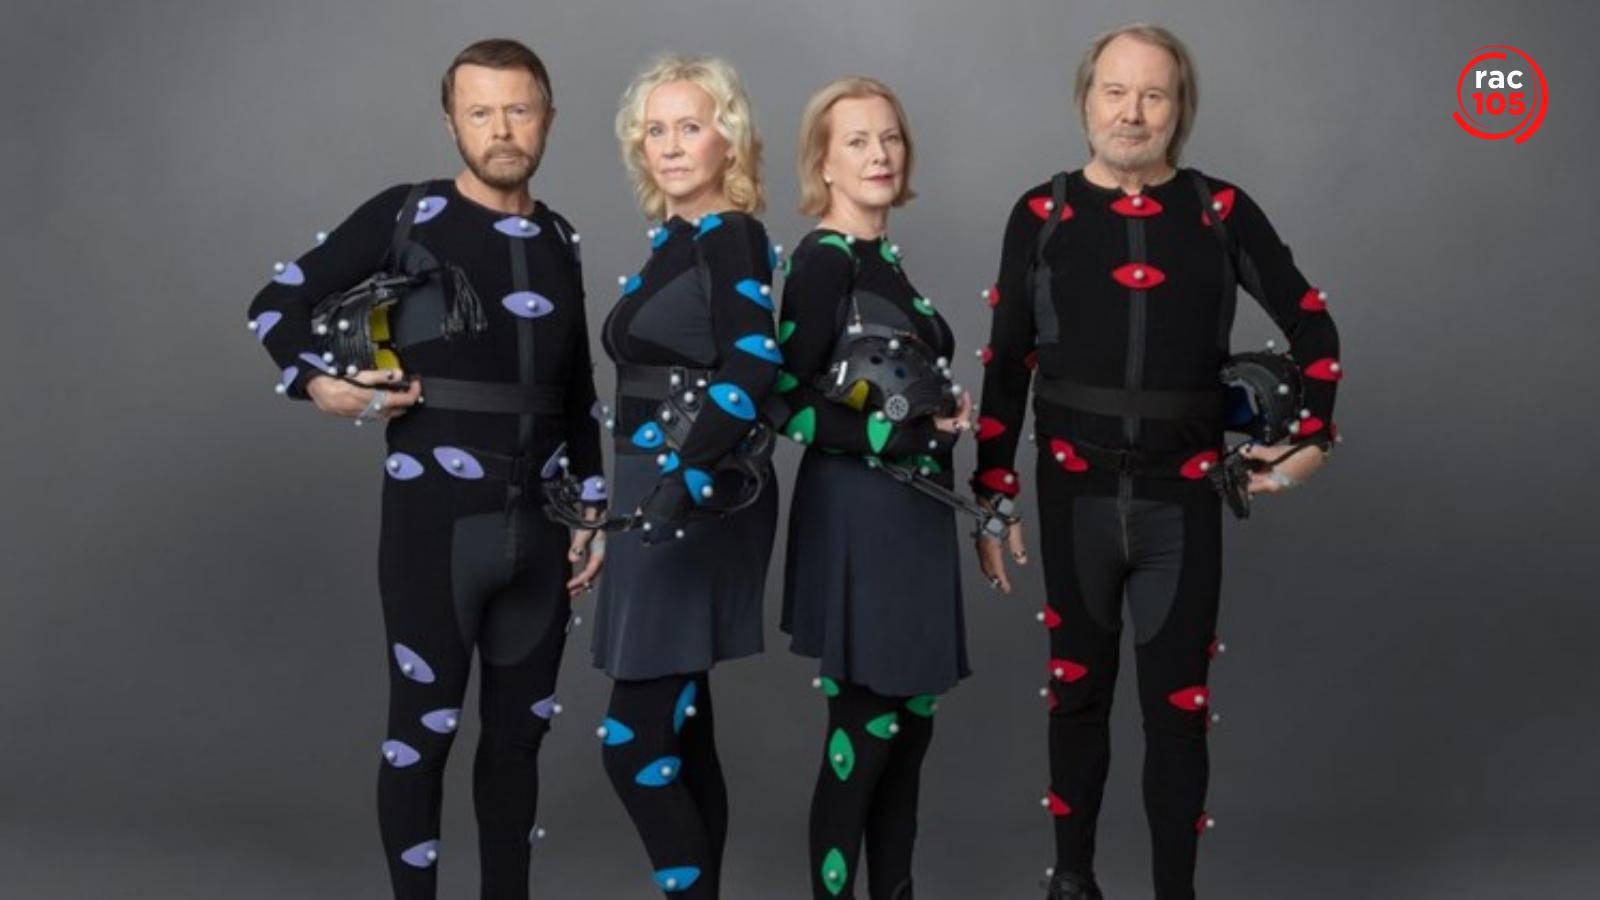 Després de 40 anys, ABBA torna amb nou disc i una gira d'hologrames anomenats ABBAtars